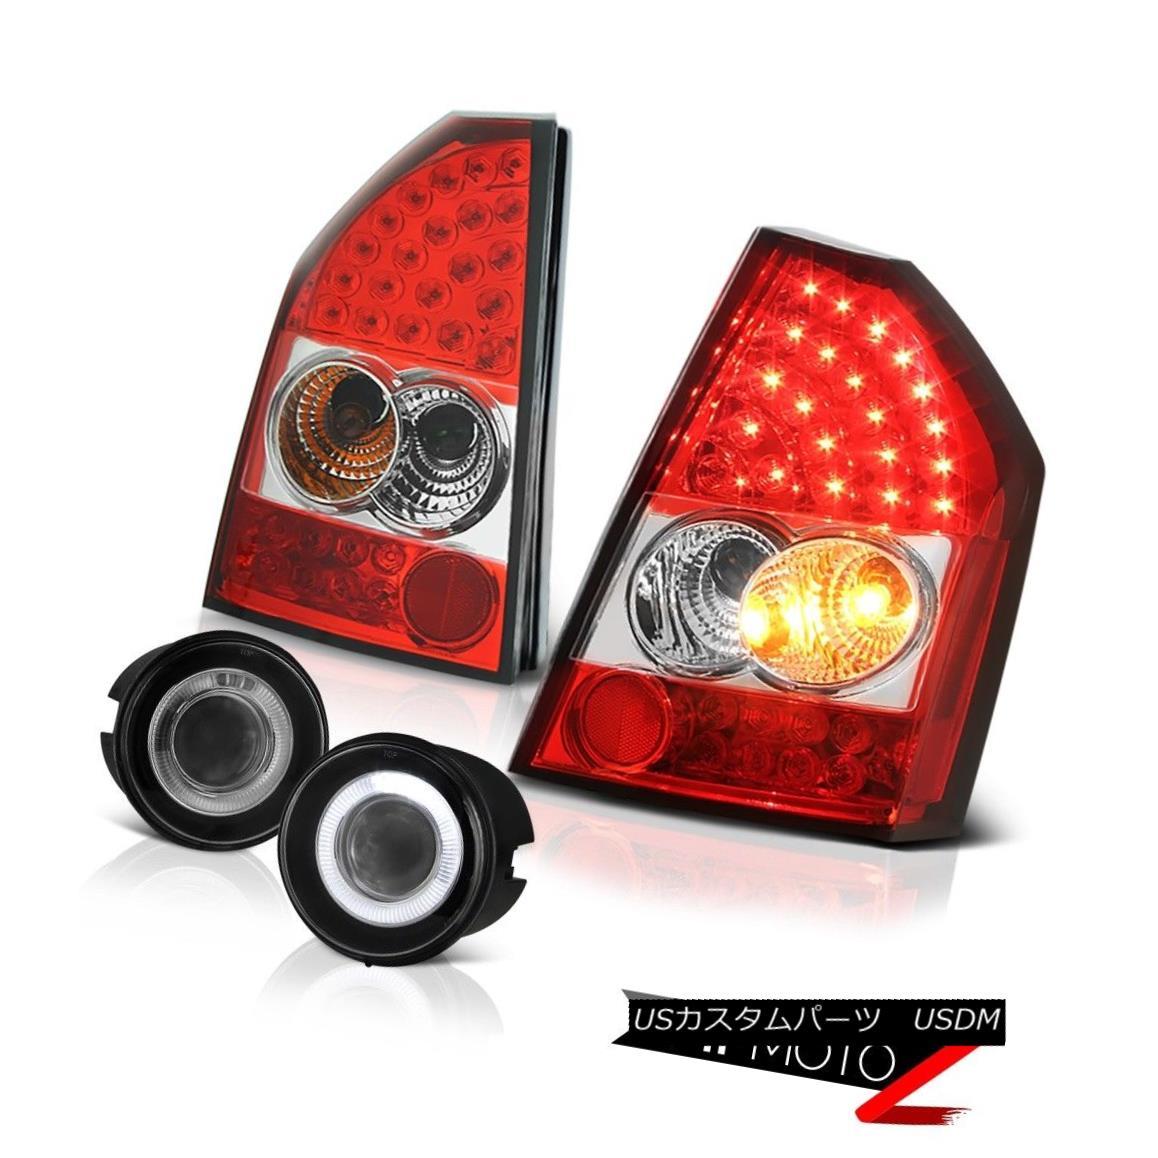 テールライト 08-10 Chrysler 300C SRT8 Rosso Red LED Tail Lights Projector Bumper Foglights 08-10クライスラー300C SRT8ロッソレッドLEDテールライトプロジェクターバンパーフォグライト